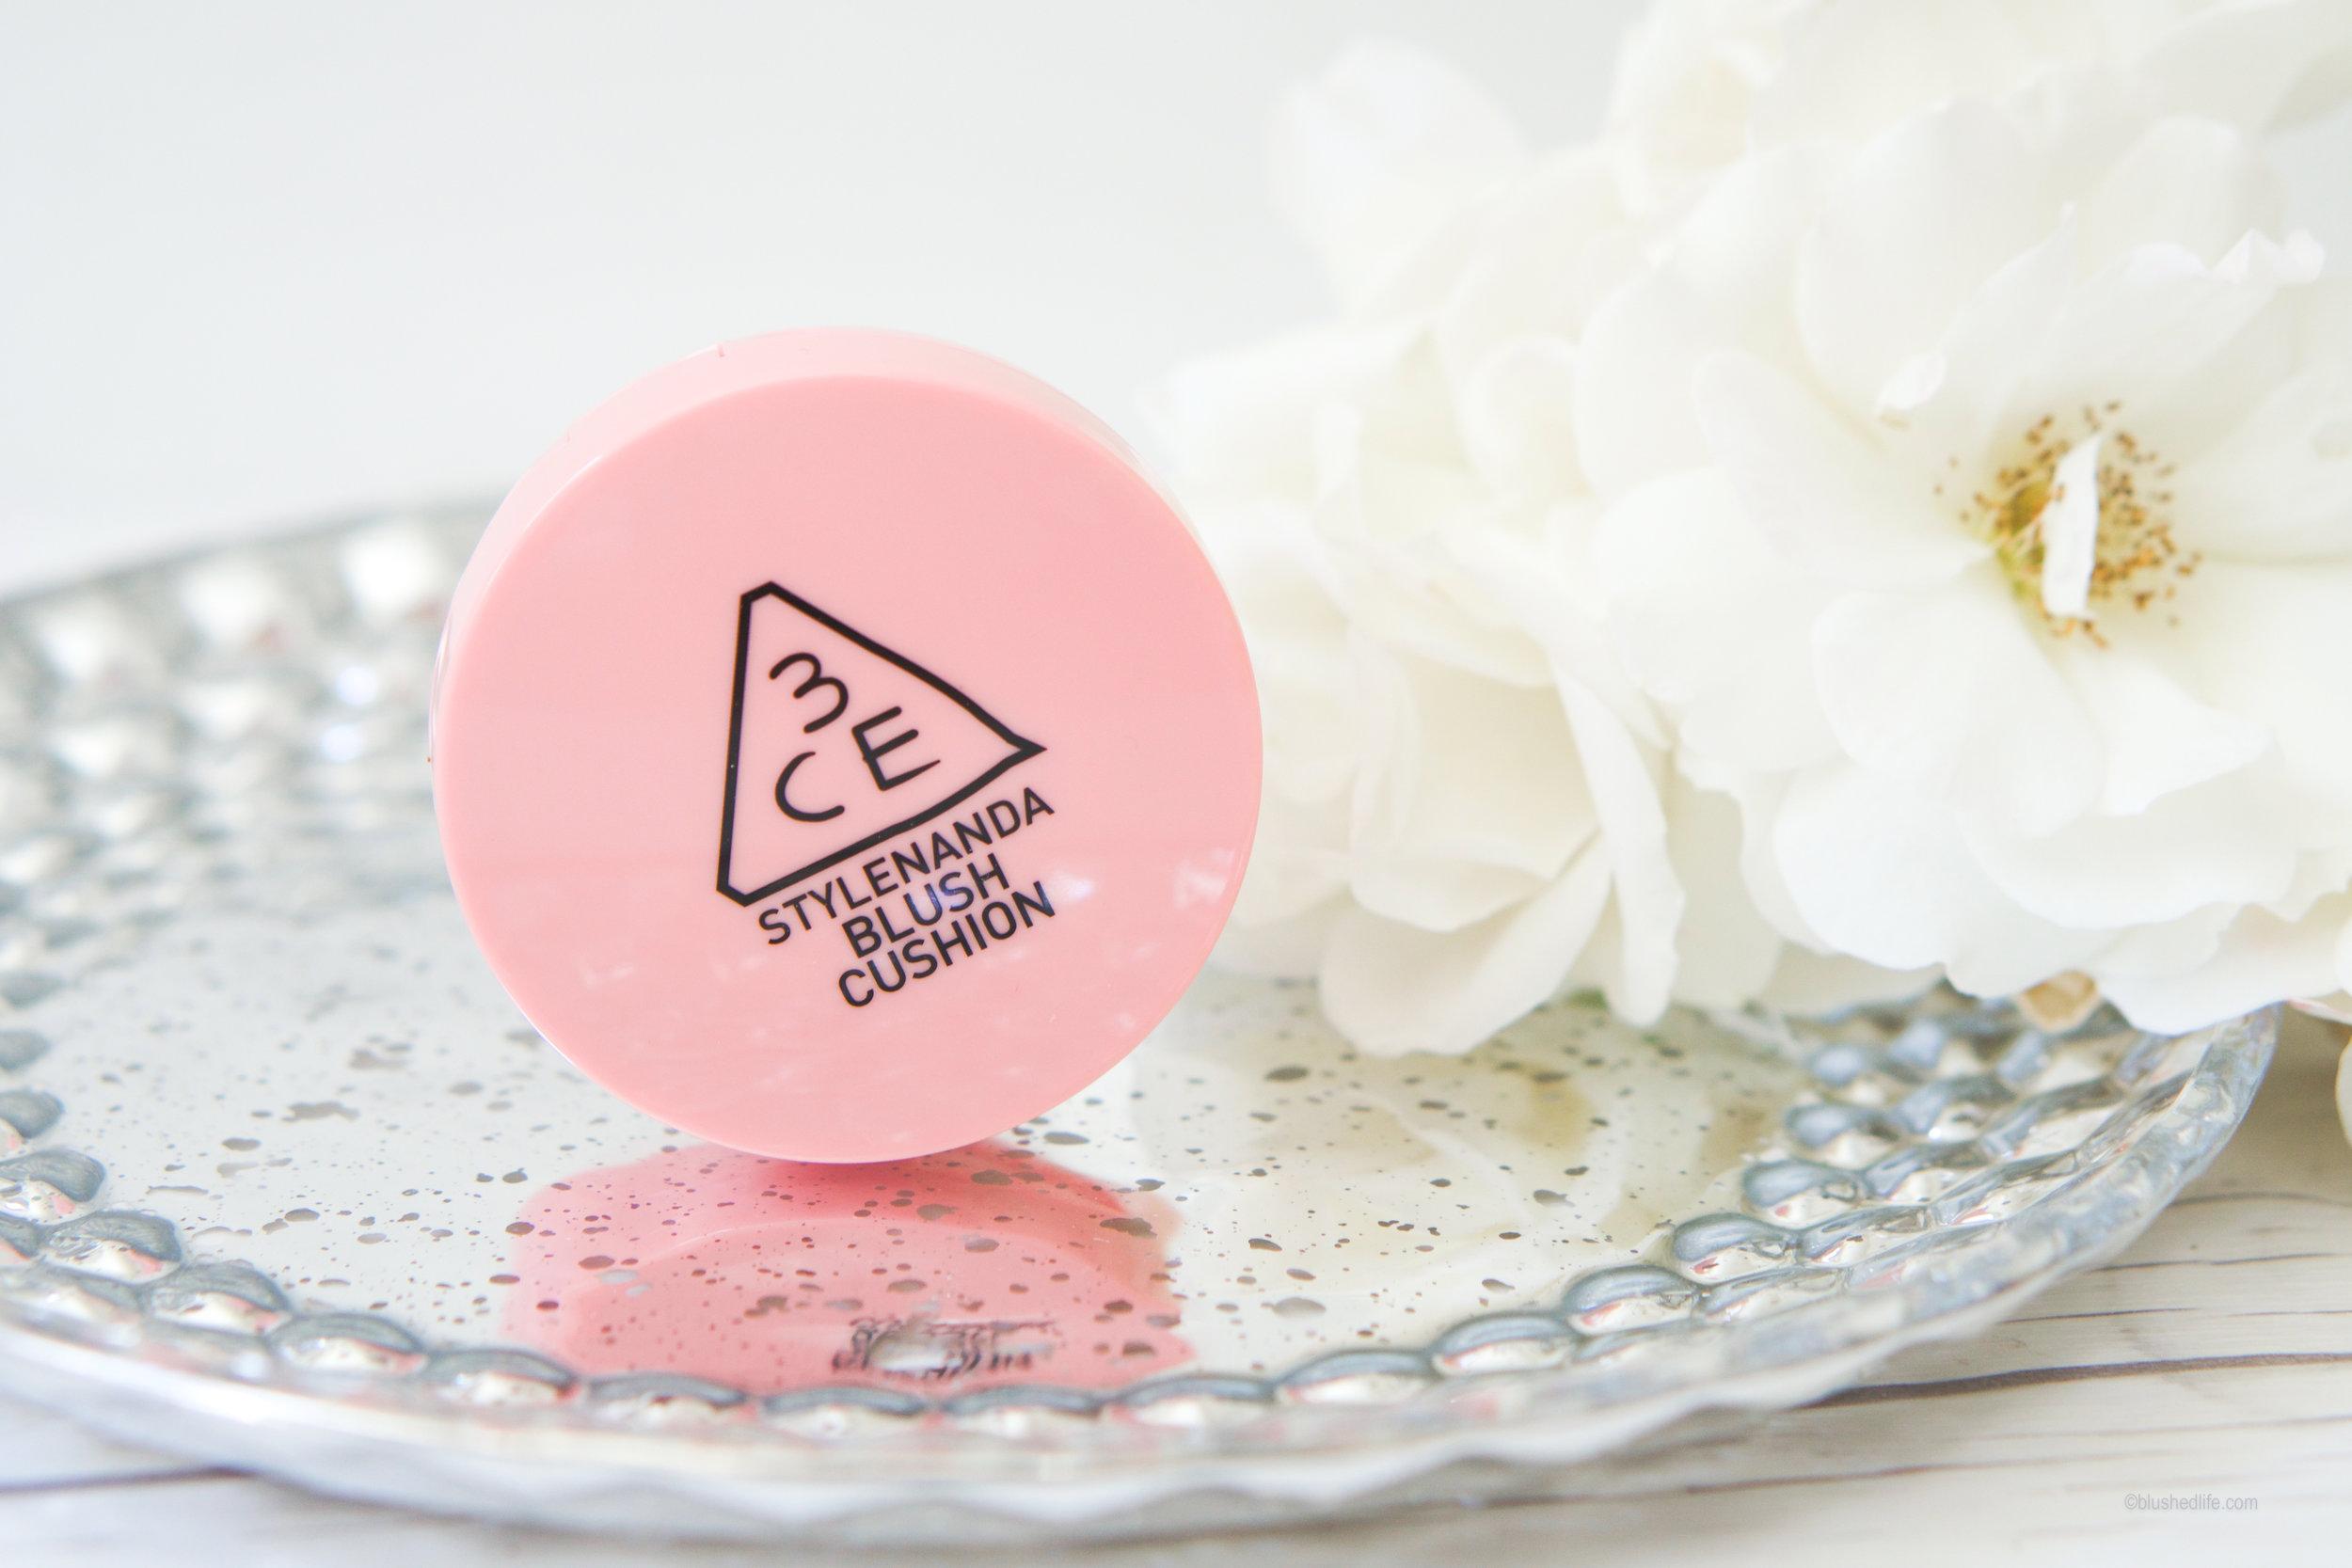 3CE Blush Cushion #Pink -